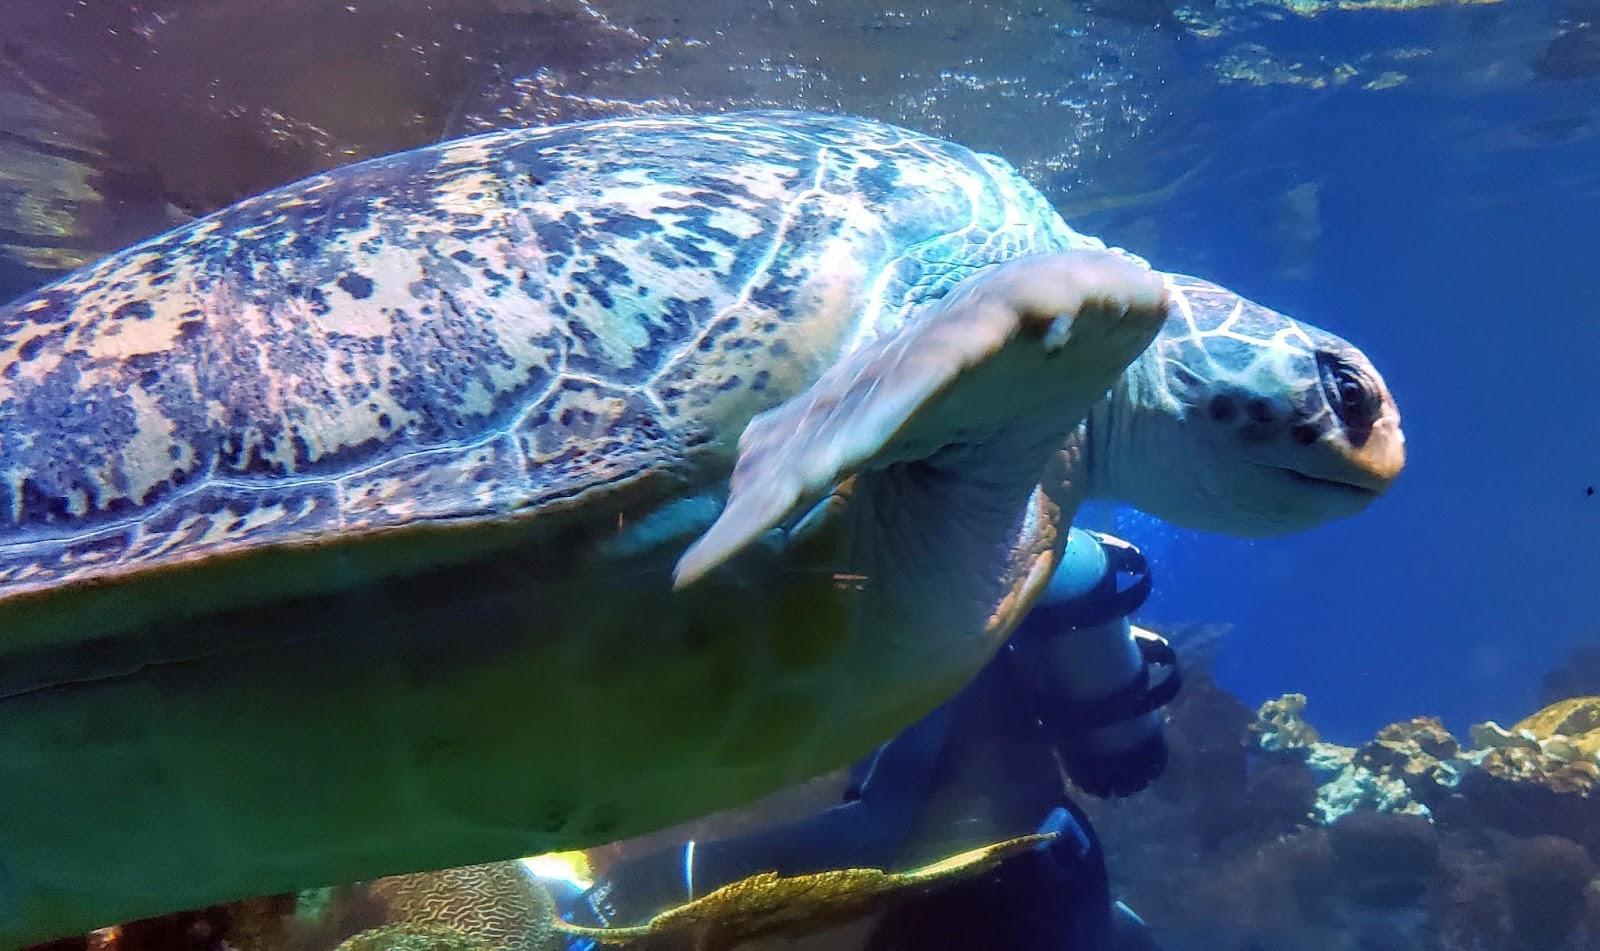 Big Turtle At The Aquarium, Boston